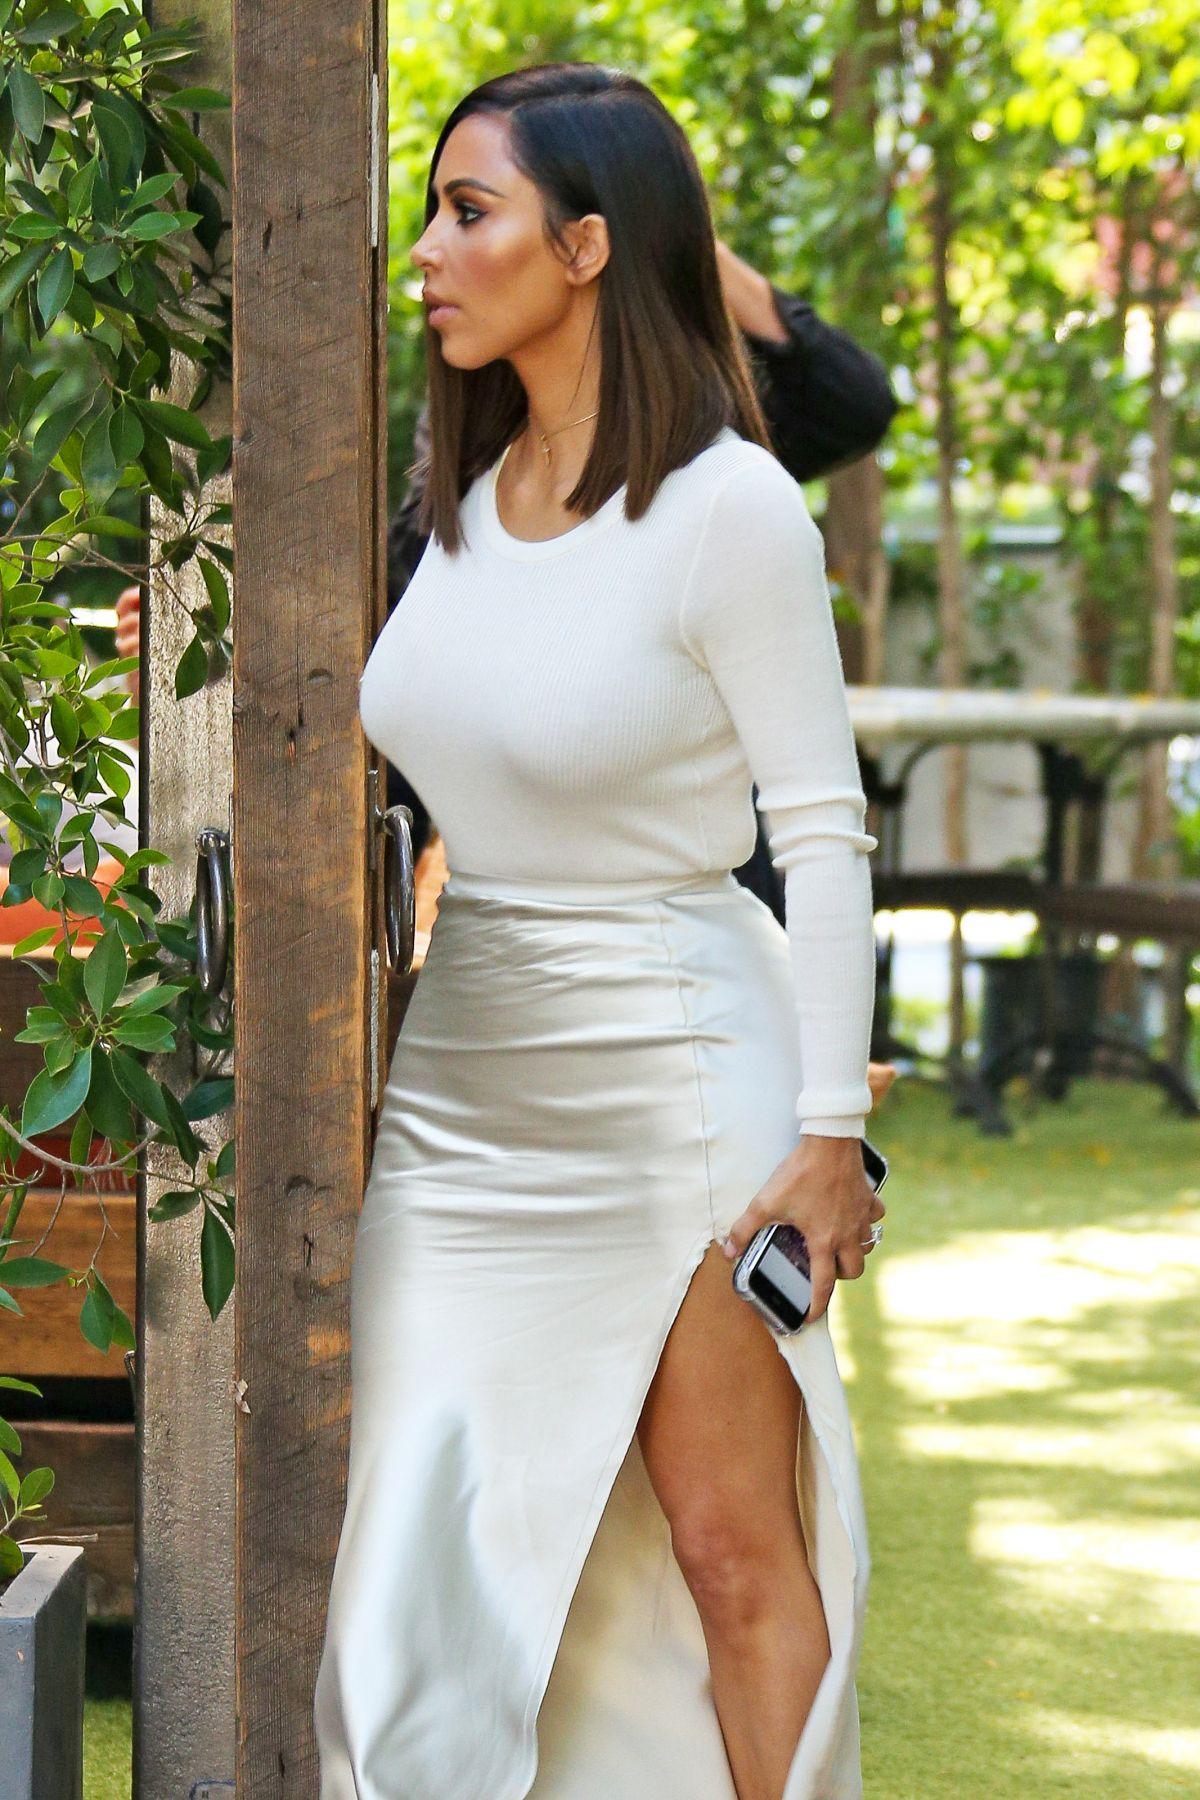 KIM KARDASHIAN at Vill... Kim Kardashian